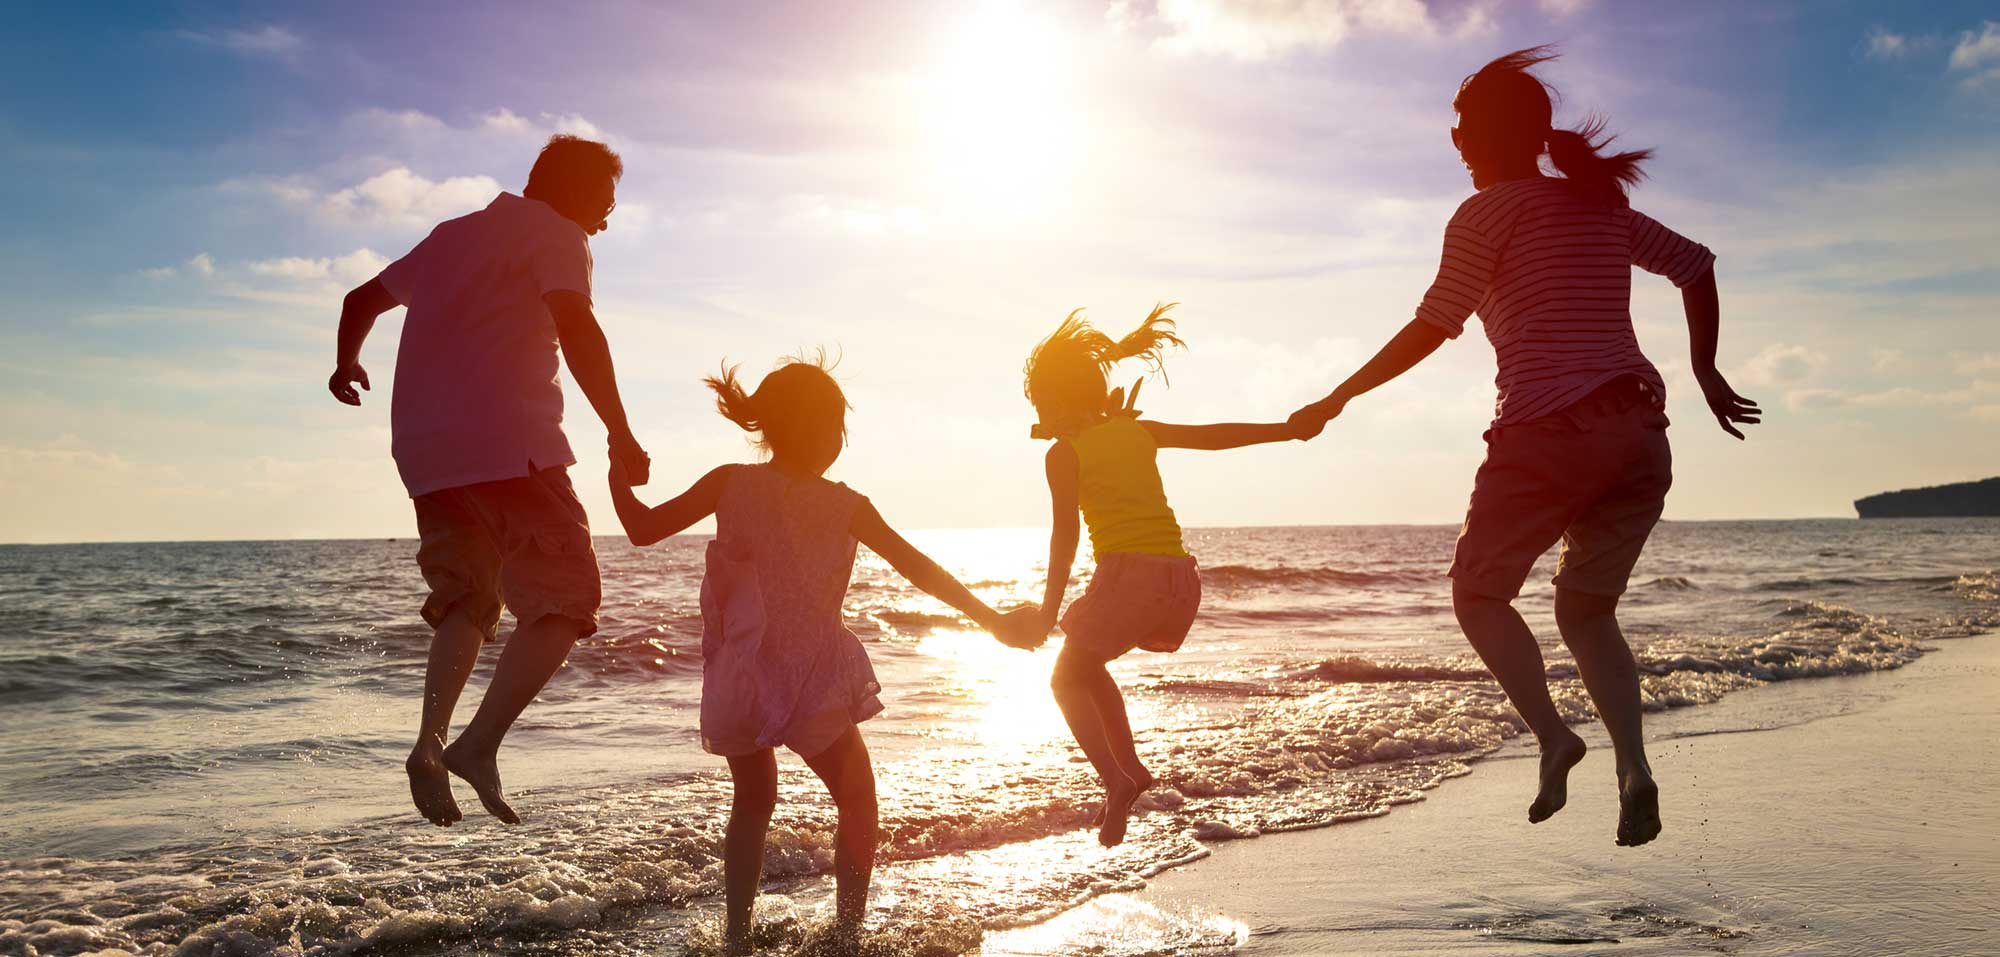 vacanze a castiglione della pescaia in famiglia- agirturismo prile